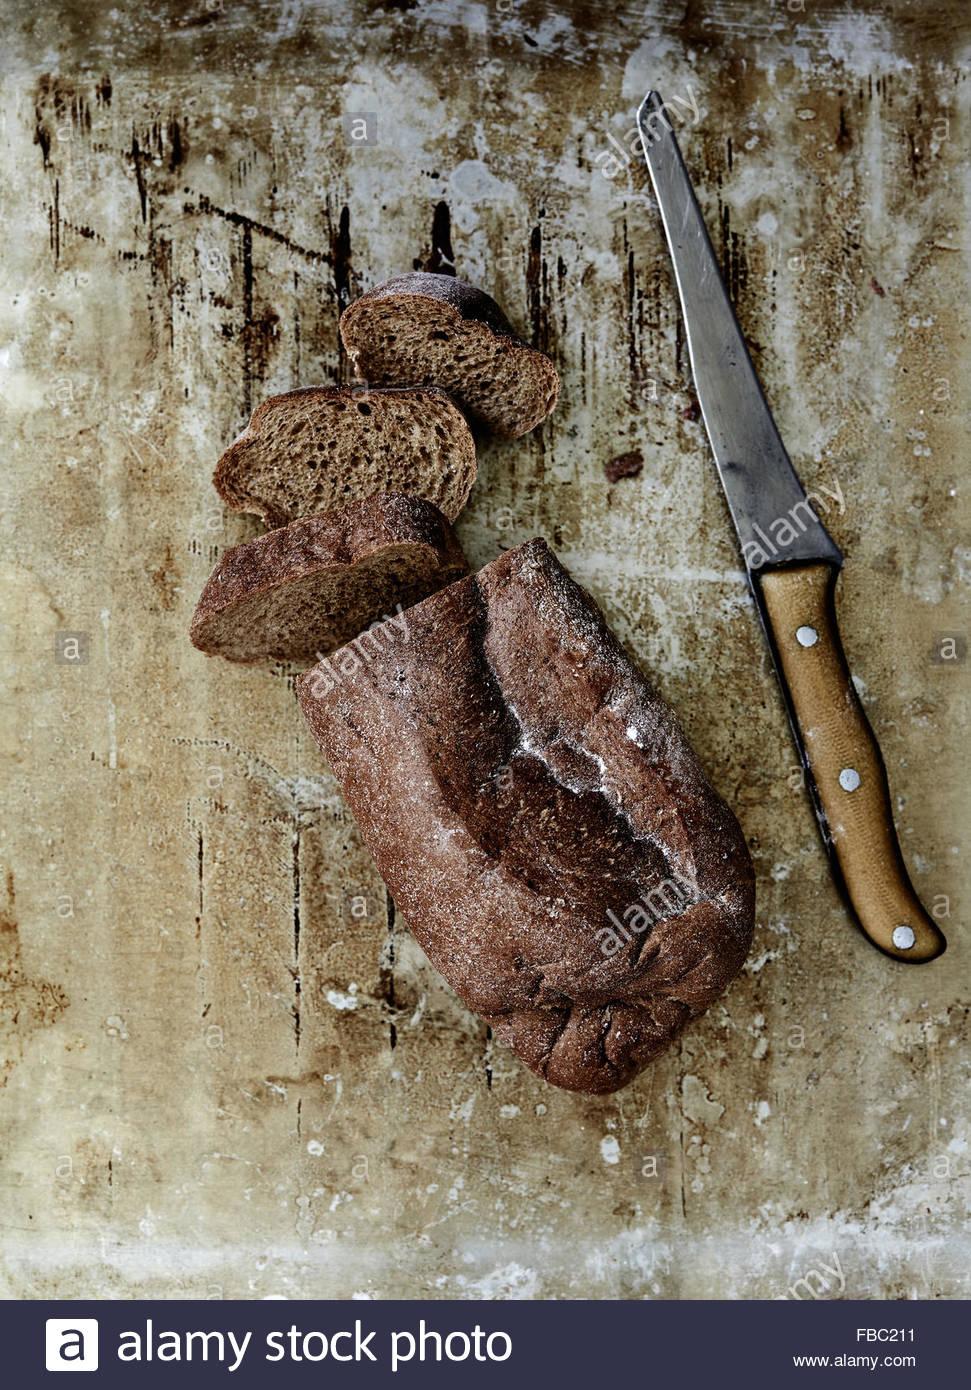 Rodajas de pan de centeno y rústico en la cuchilla vieja hoja de metal Imagen De Stock